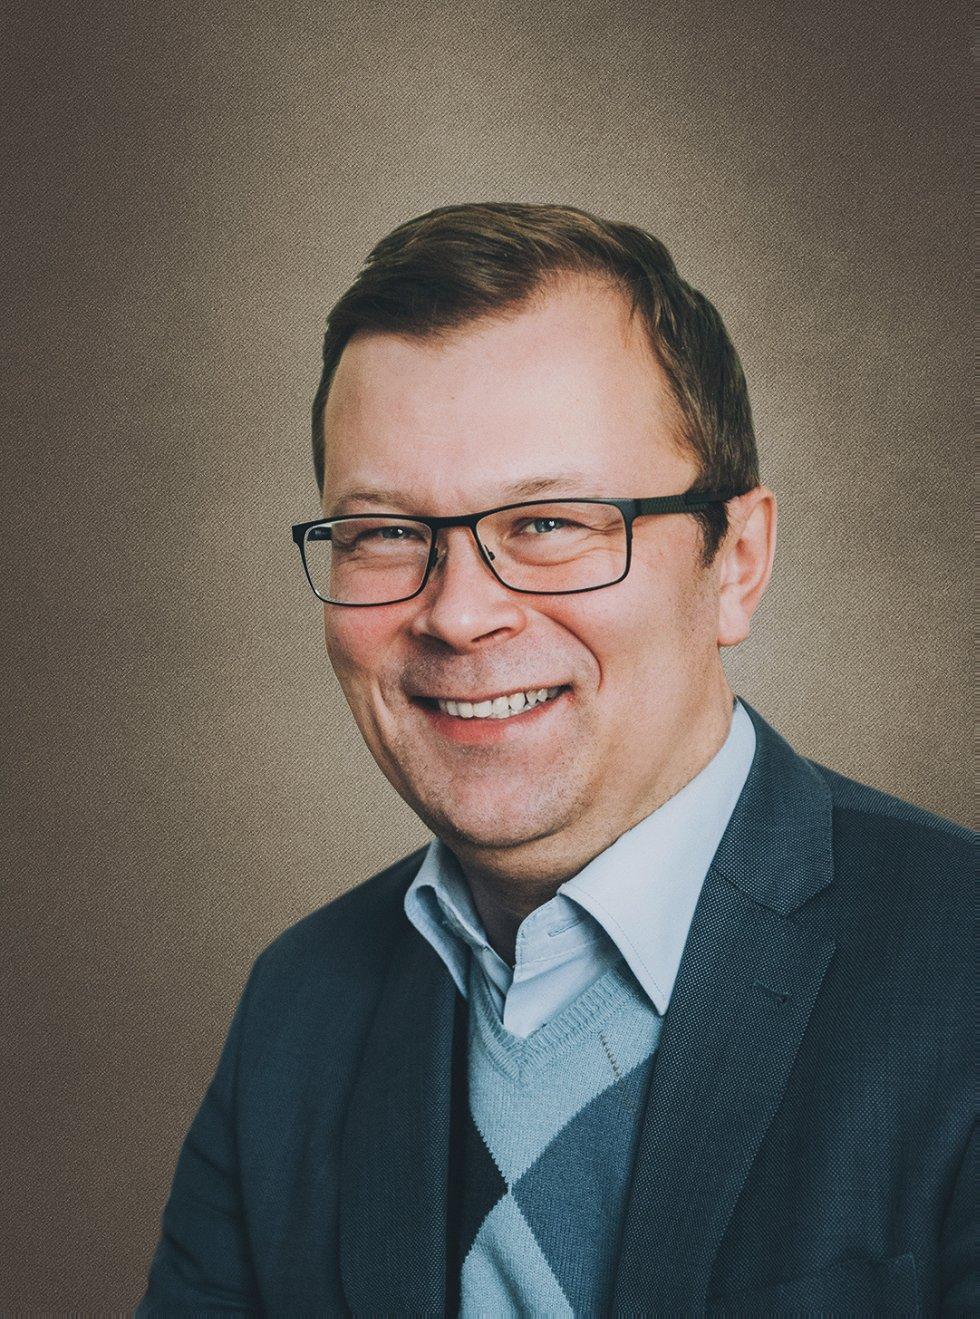 Muhametzyanov Rustem Ravilevich